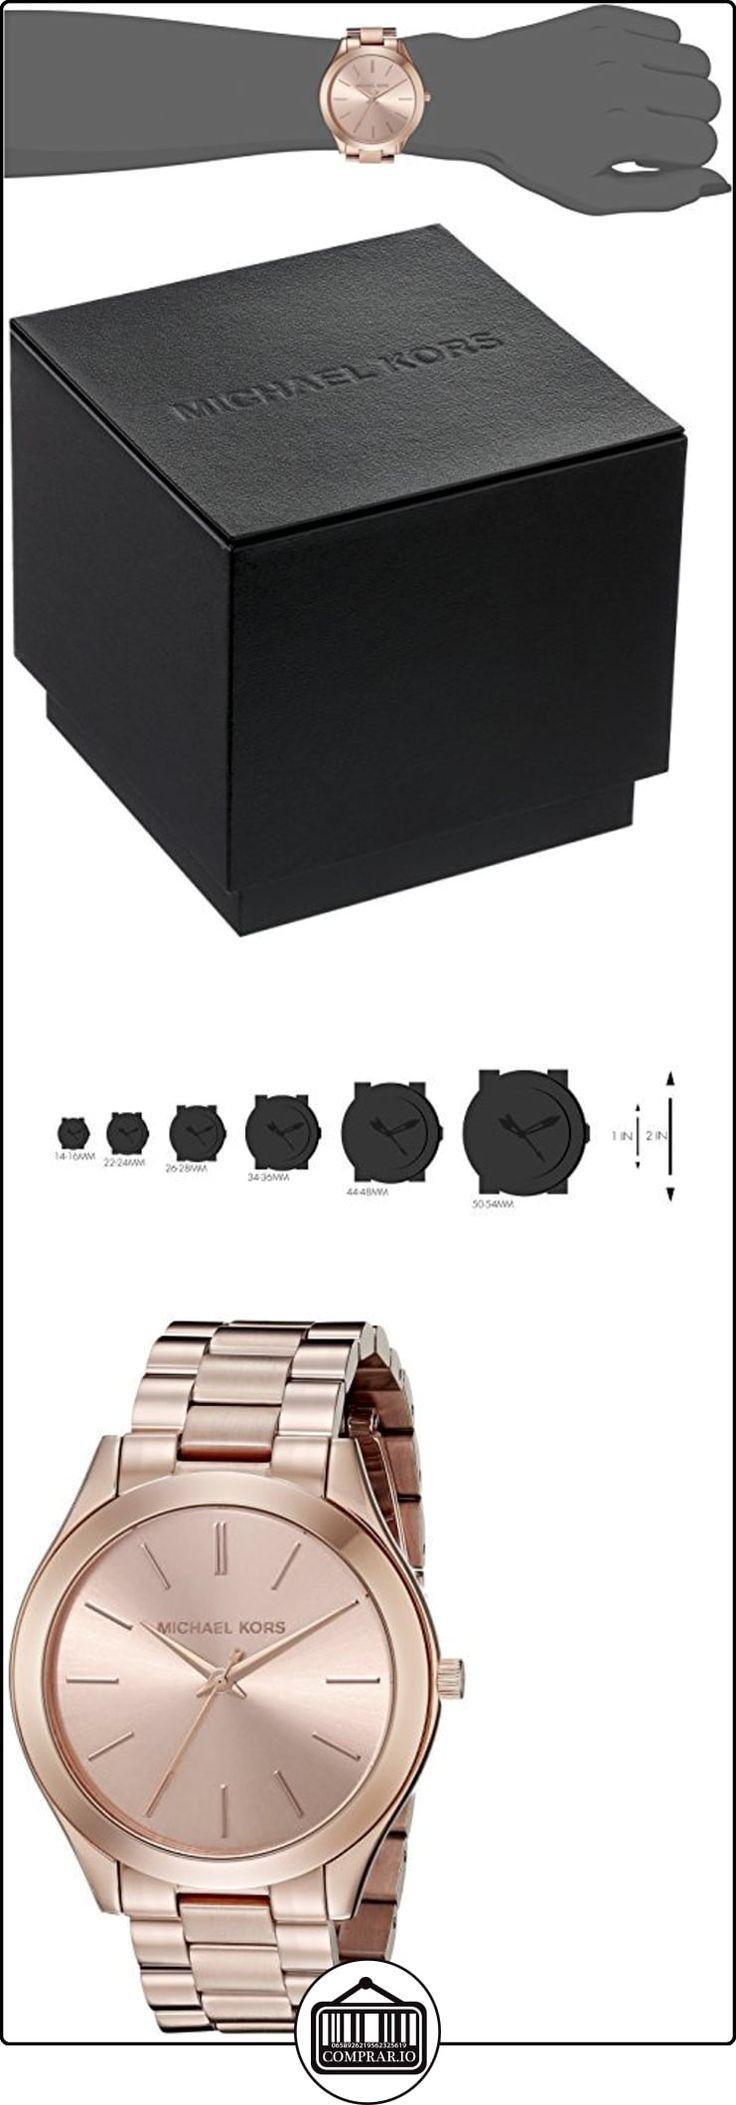 Michael Kors Reloj de cuarzo MK3197 42 mm ✿ Relojes para mujer - (Gama media/alta) ✿